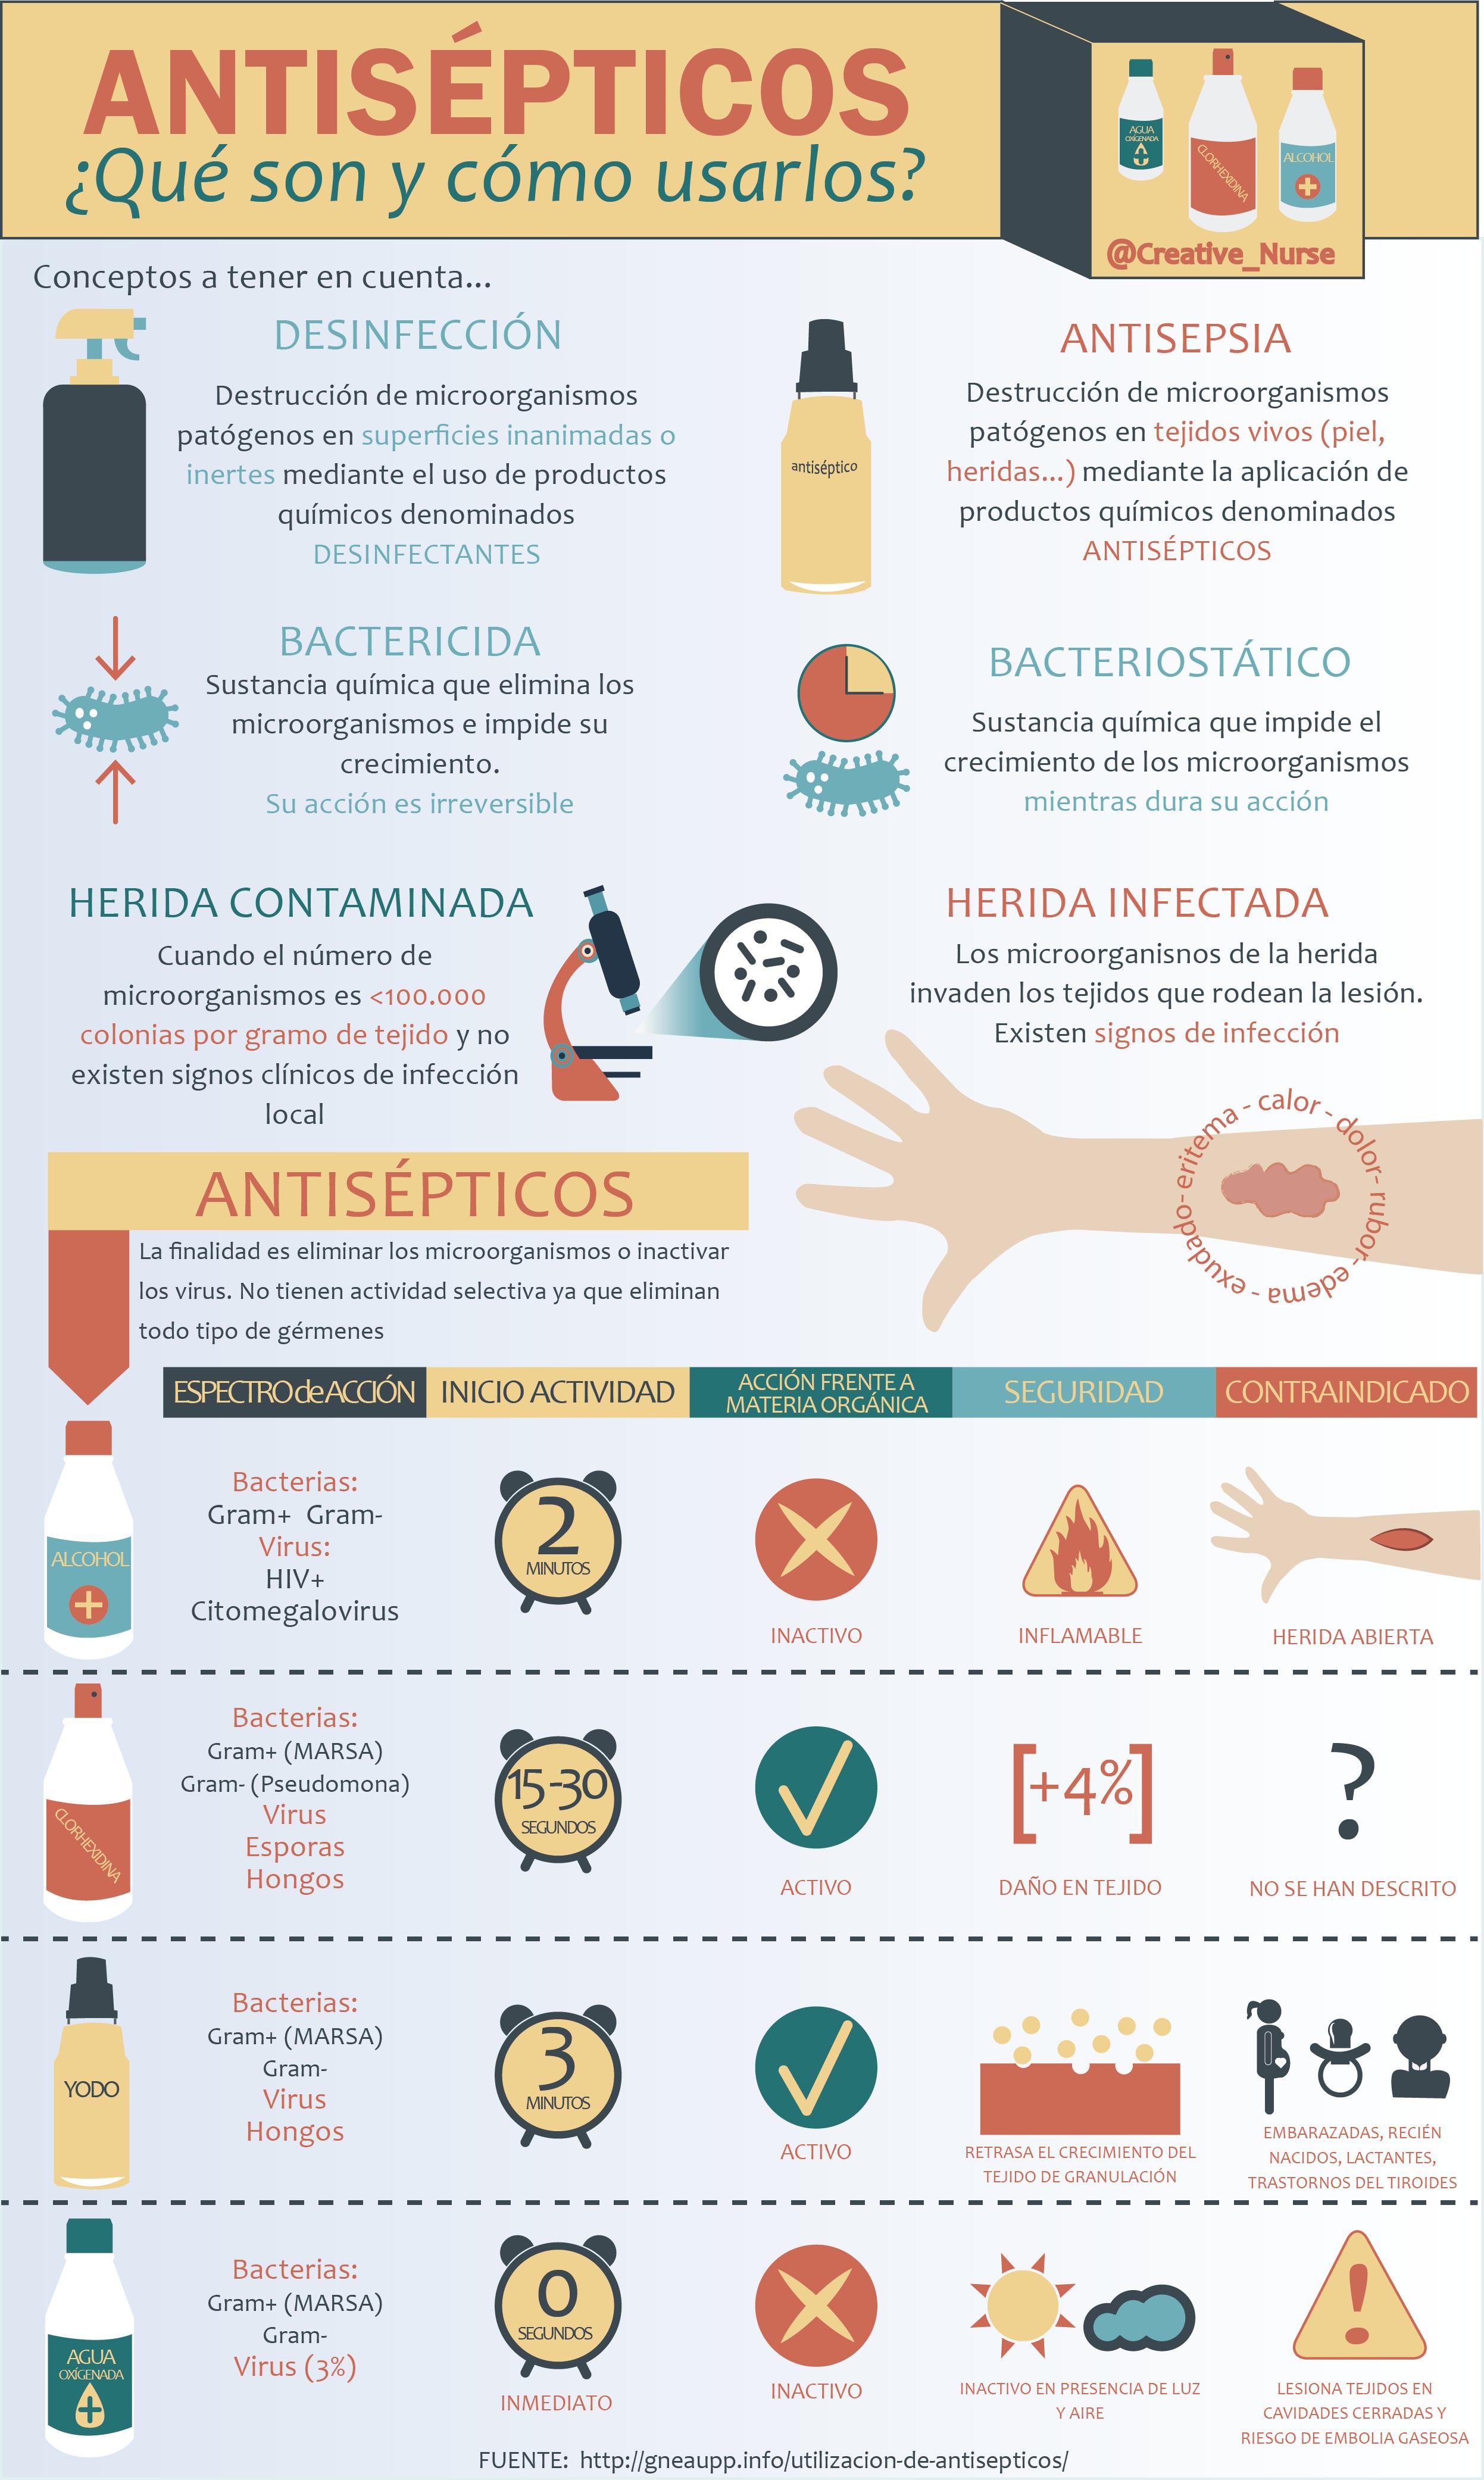 cuantos tipos de botiquin de primeros auxilios existen